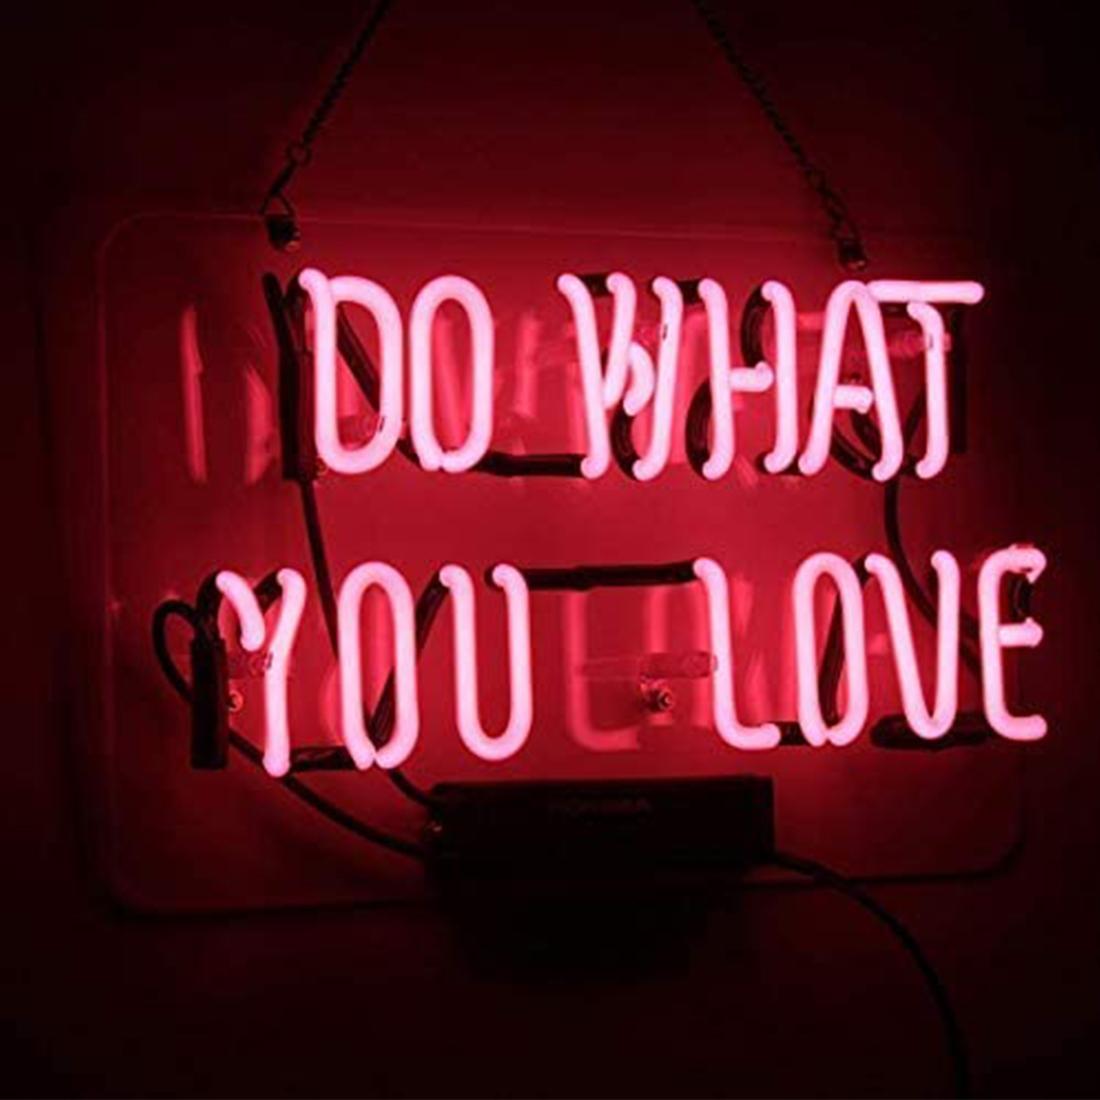 네온 기호 당신이 핑크색 네온 라이트 유리 야간 빛을 사랑하는 핑크색 사무실 바 크리스마스 파티 장식 벽 빛 14 x 9 인치